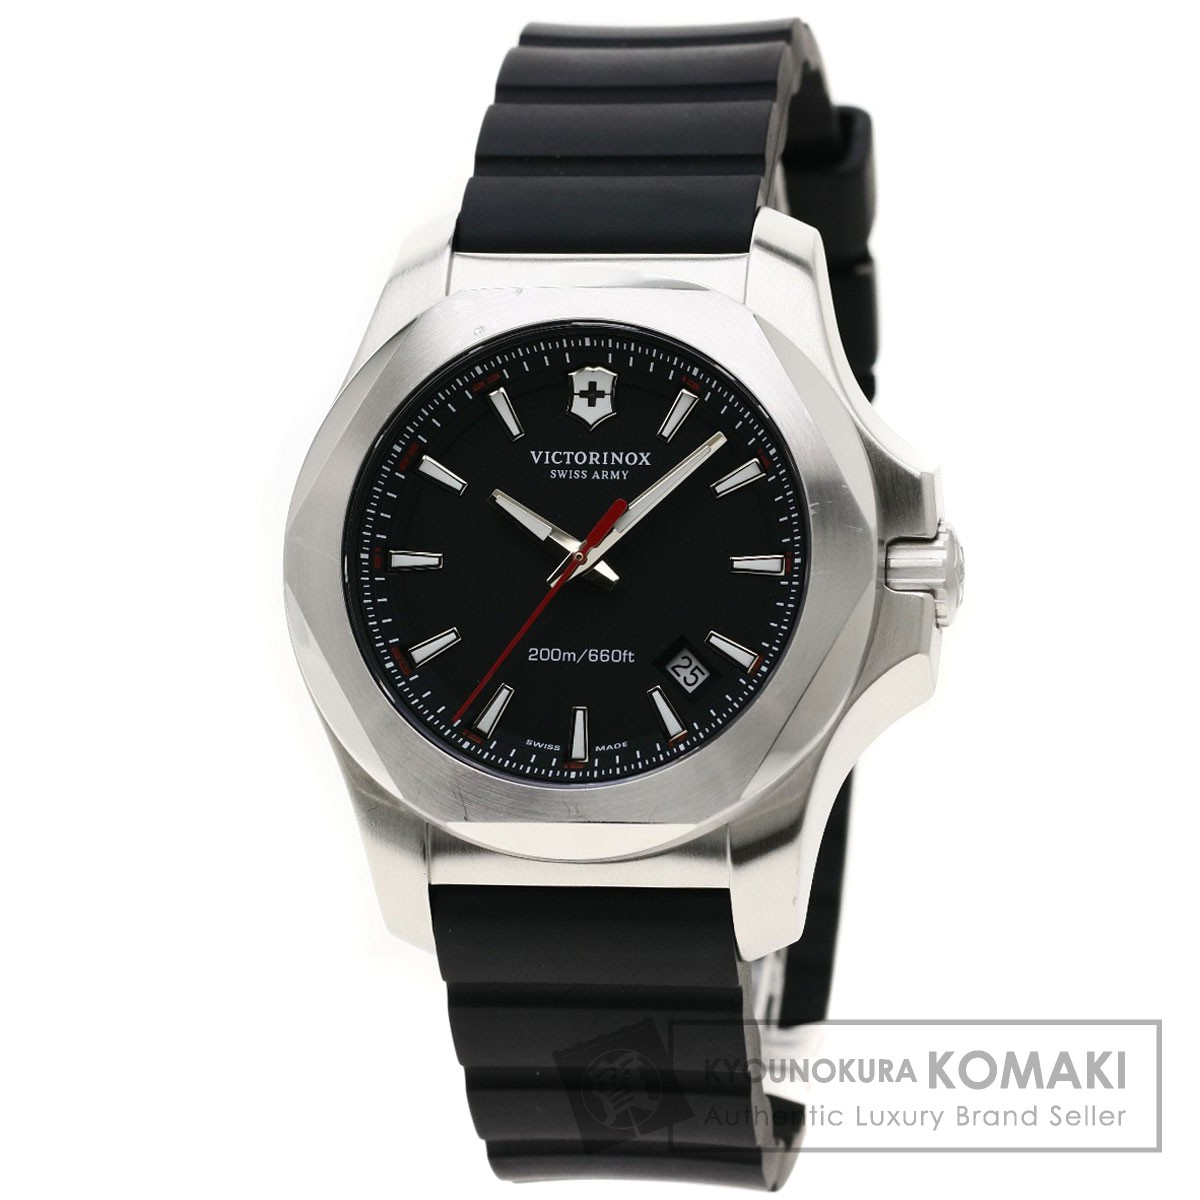 ビクトリノックス 241726.1 イノックス パラコード 腕時計 ステンレススチール/ラバー メンズ 【中古】【Victorinox】